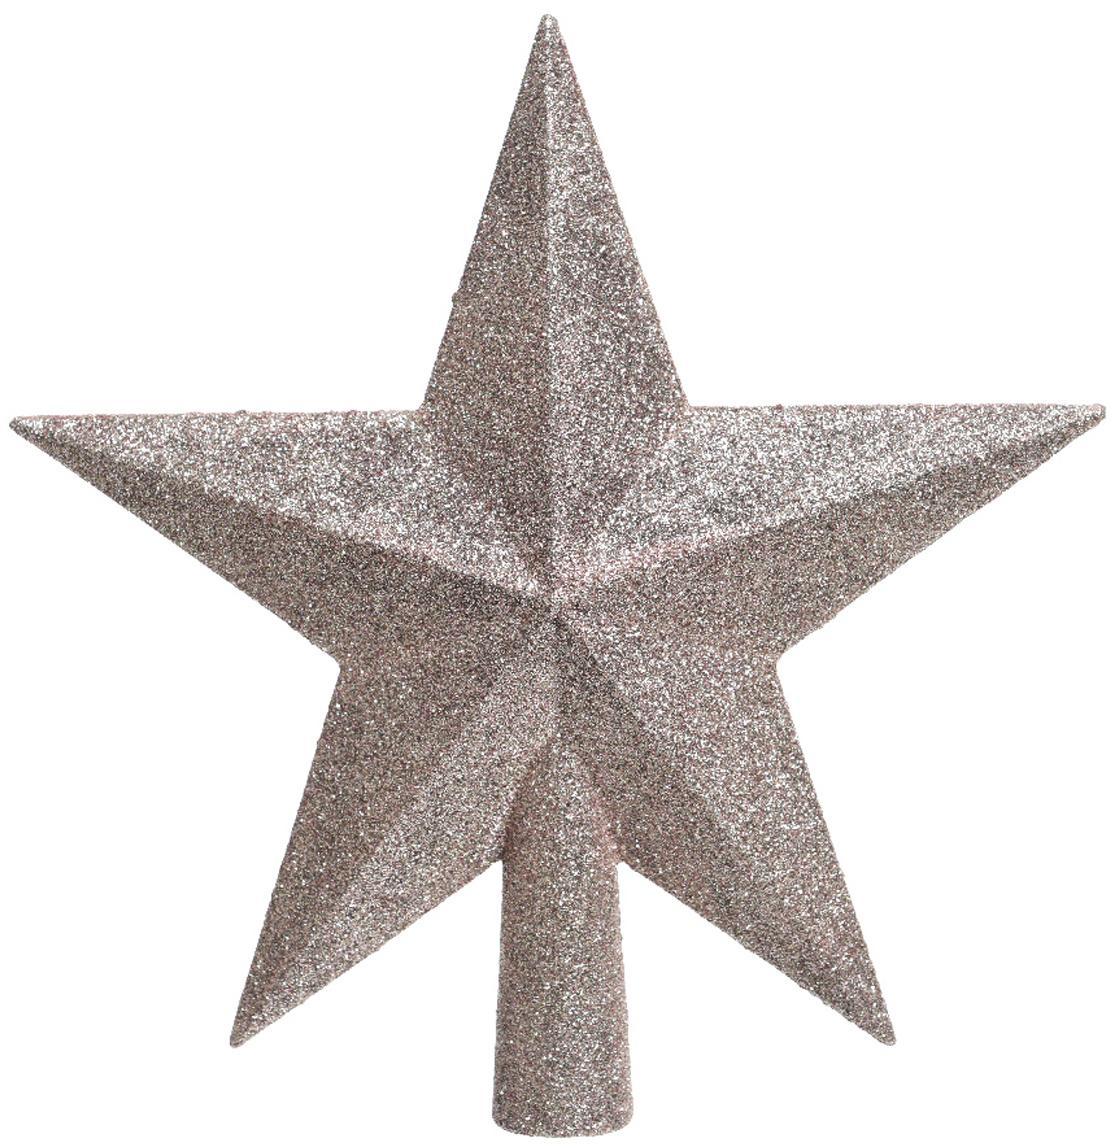 Estrella Árbol de Navidad Stern, Plástico, purpurina, Rosa, An 19 x Al 19 cm